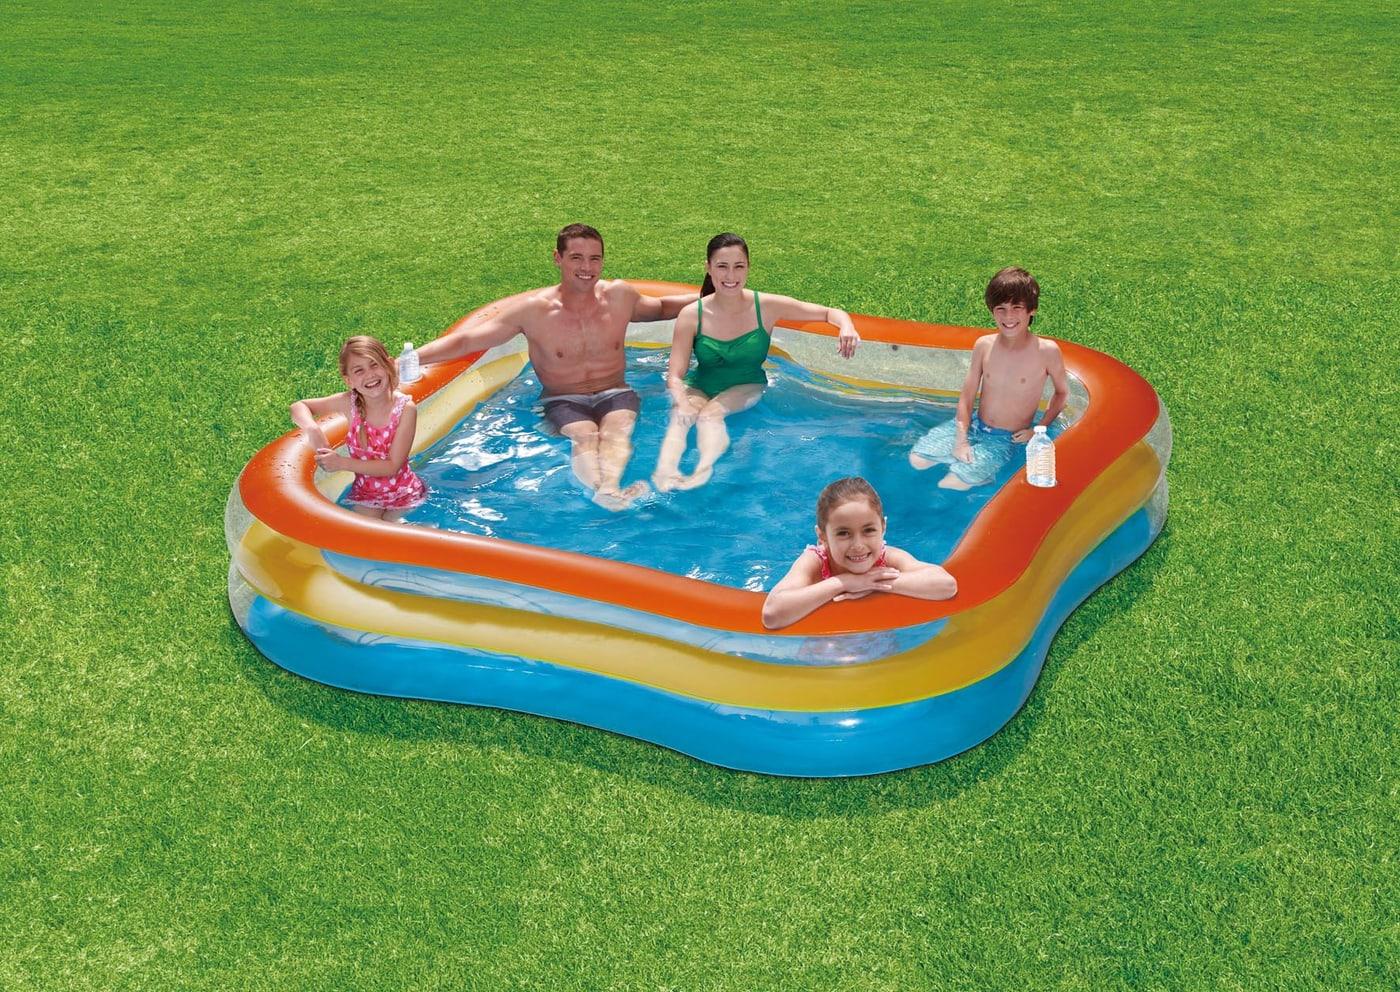 Pool Quadratisch family pool quadratisch migros